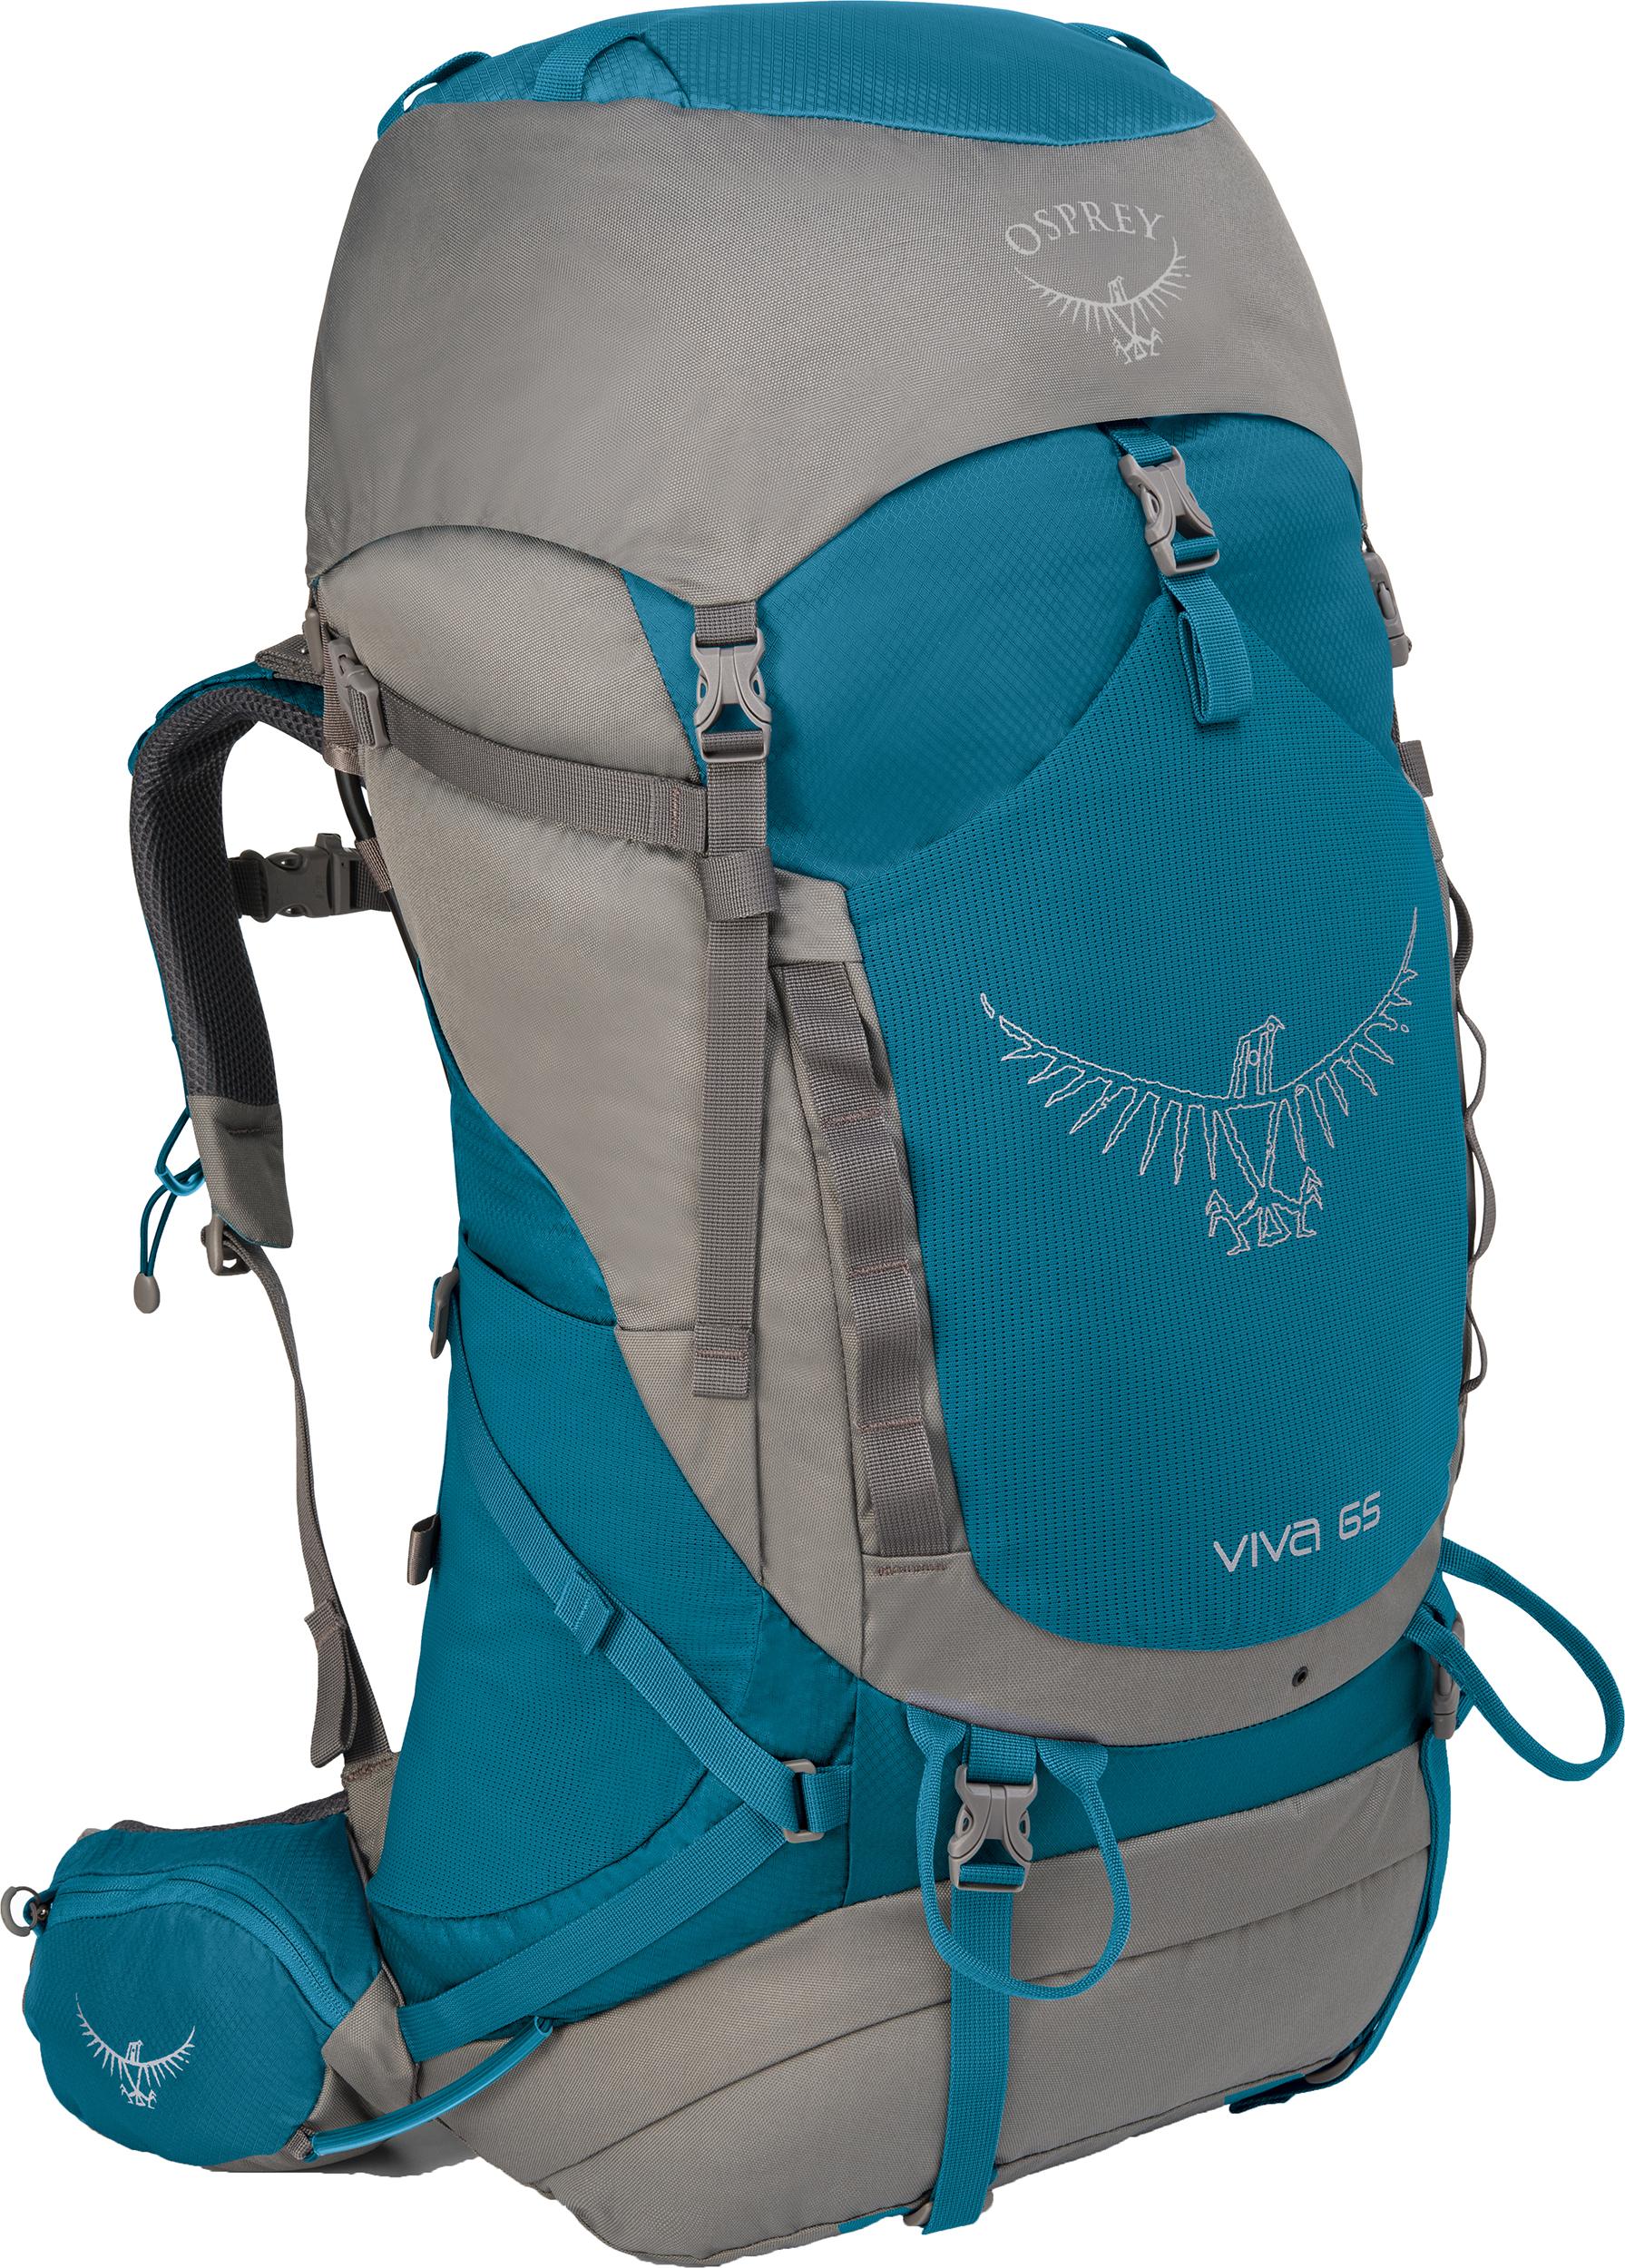 e82131ee763 Women s Backpacking packs